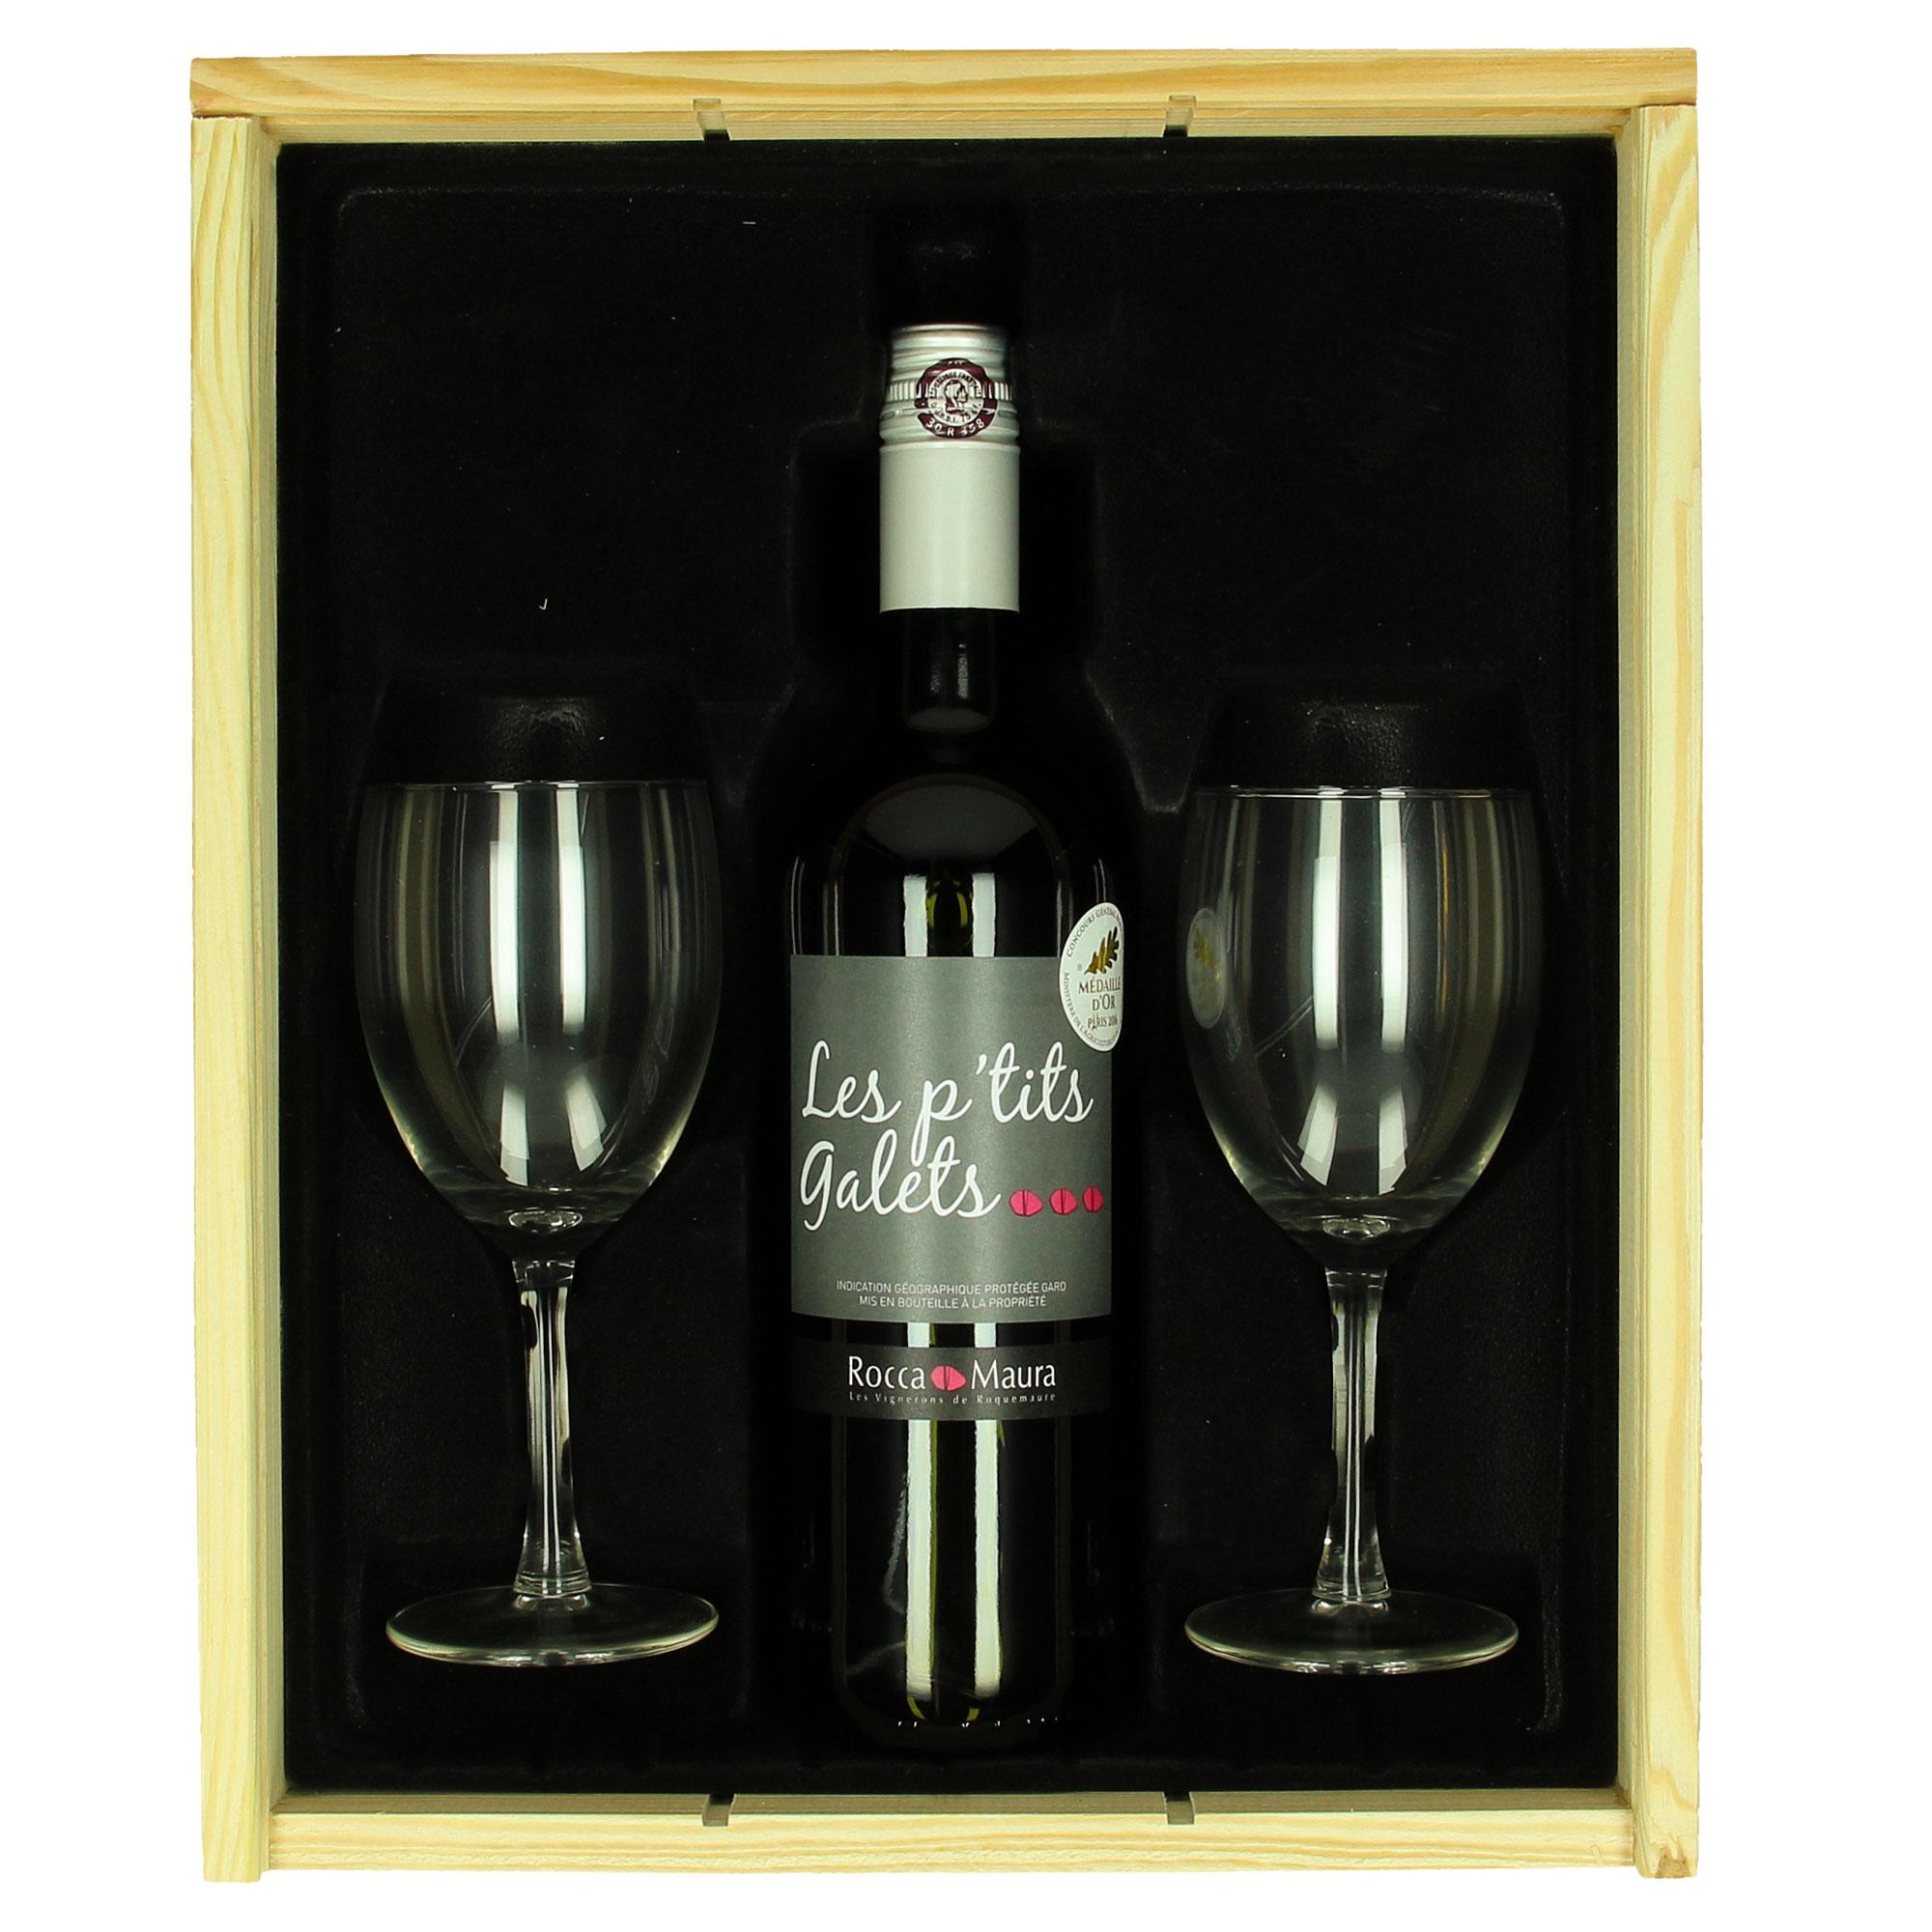 Wijnpakket Rocca Maura (rood) + gepersonaliseerde glazen